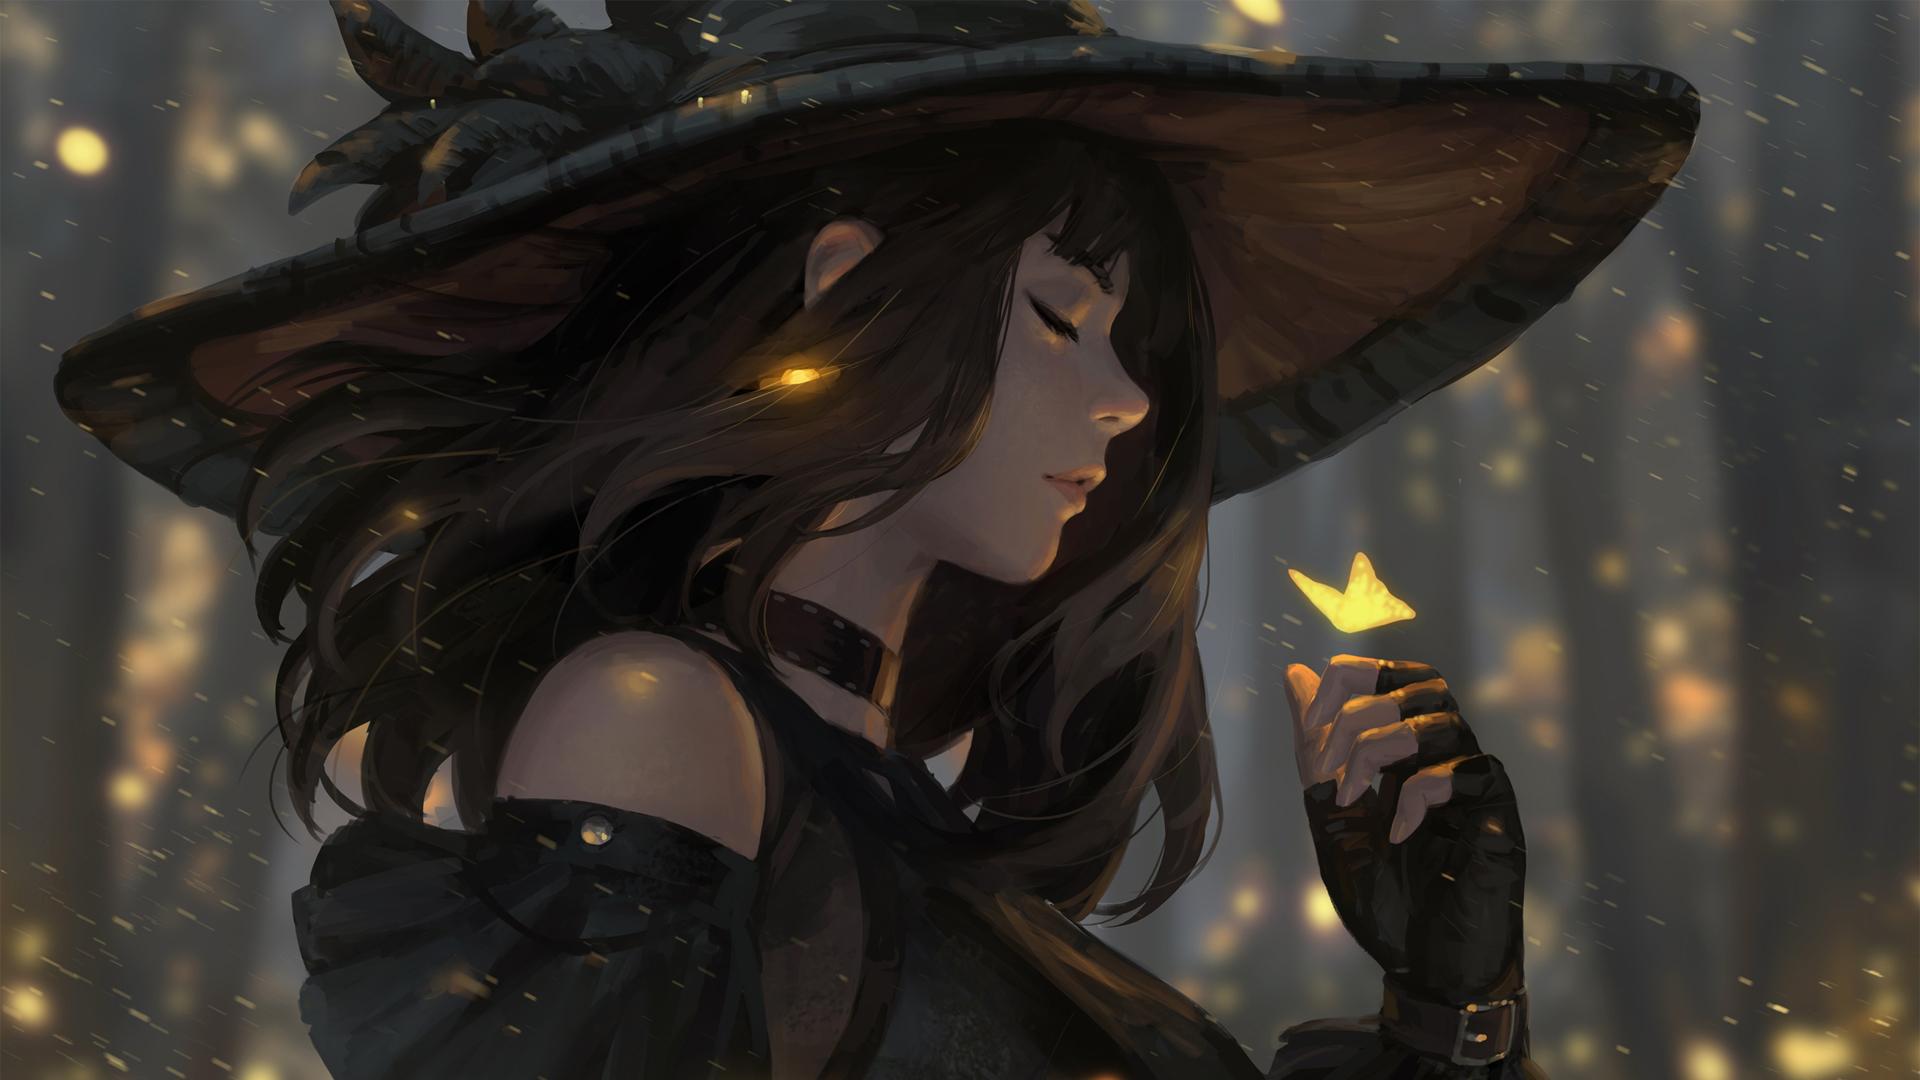 女孩闭眼 帽子 蝴蝶 唯美动漫女生高清壁纸